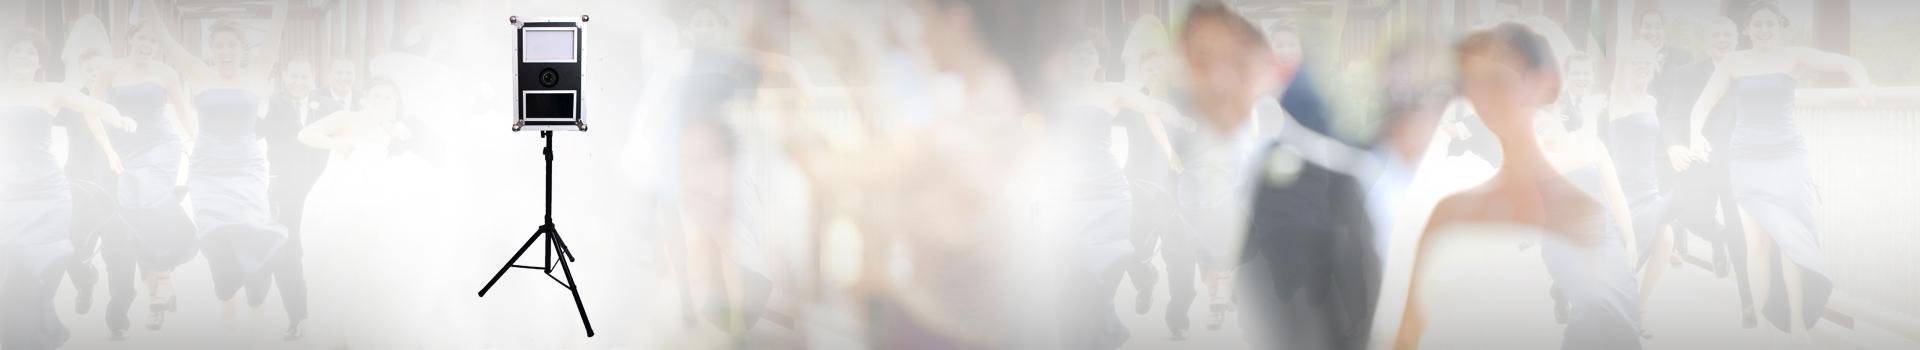 Fotobox Hochzeit Background Header